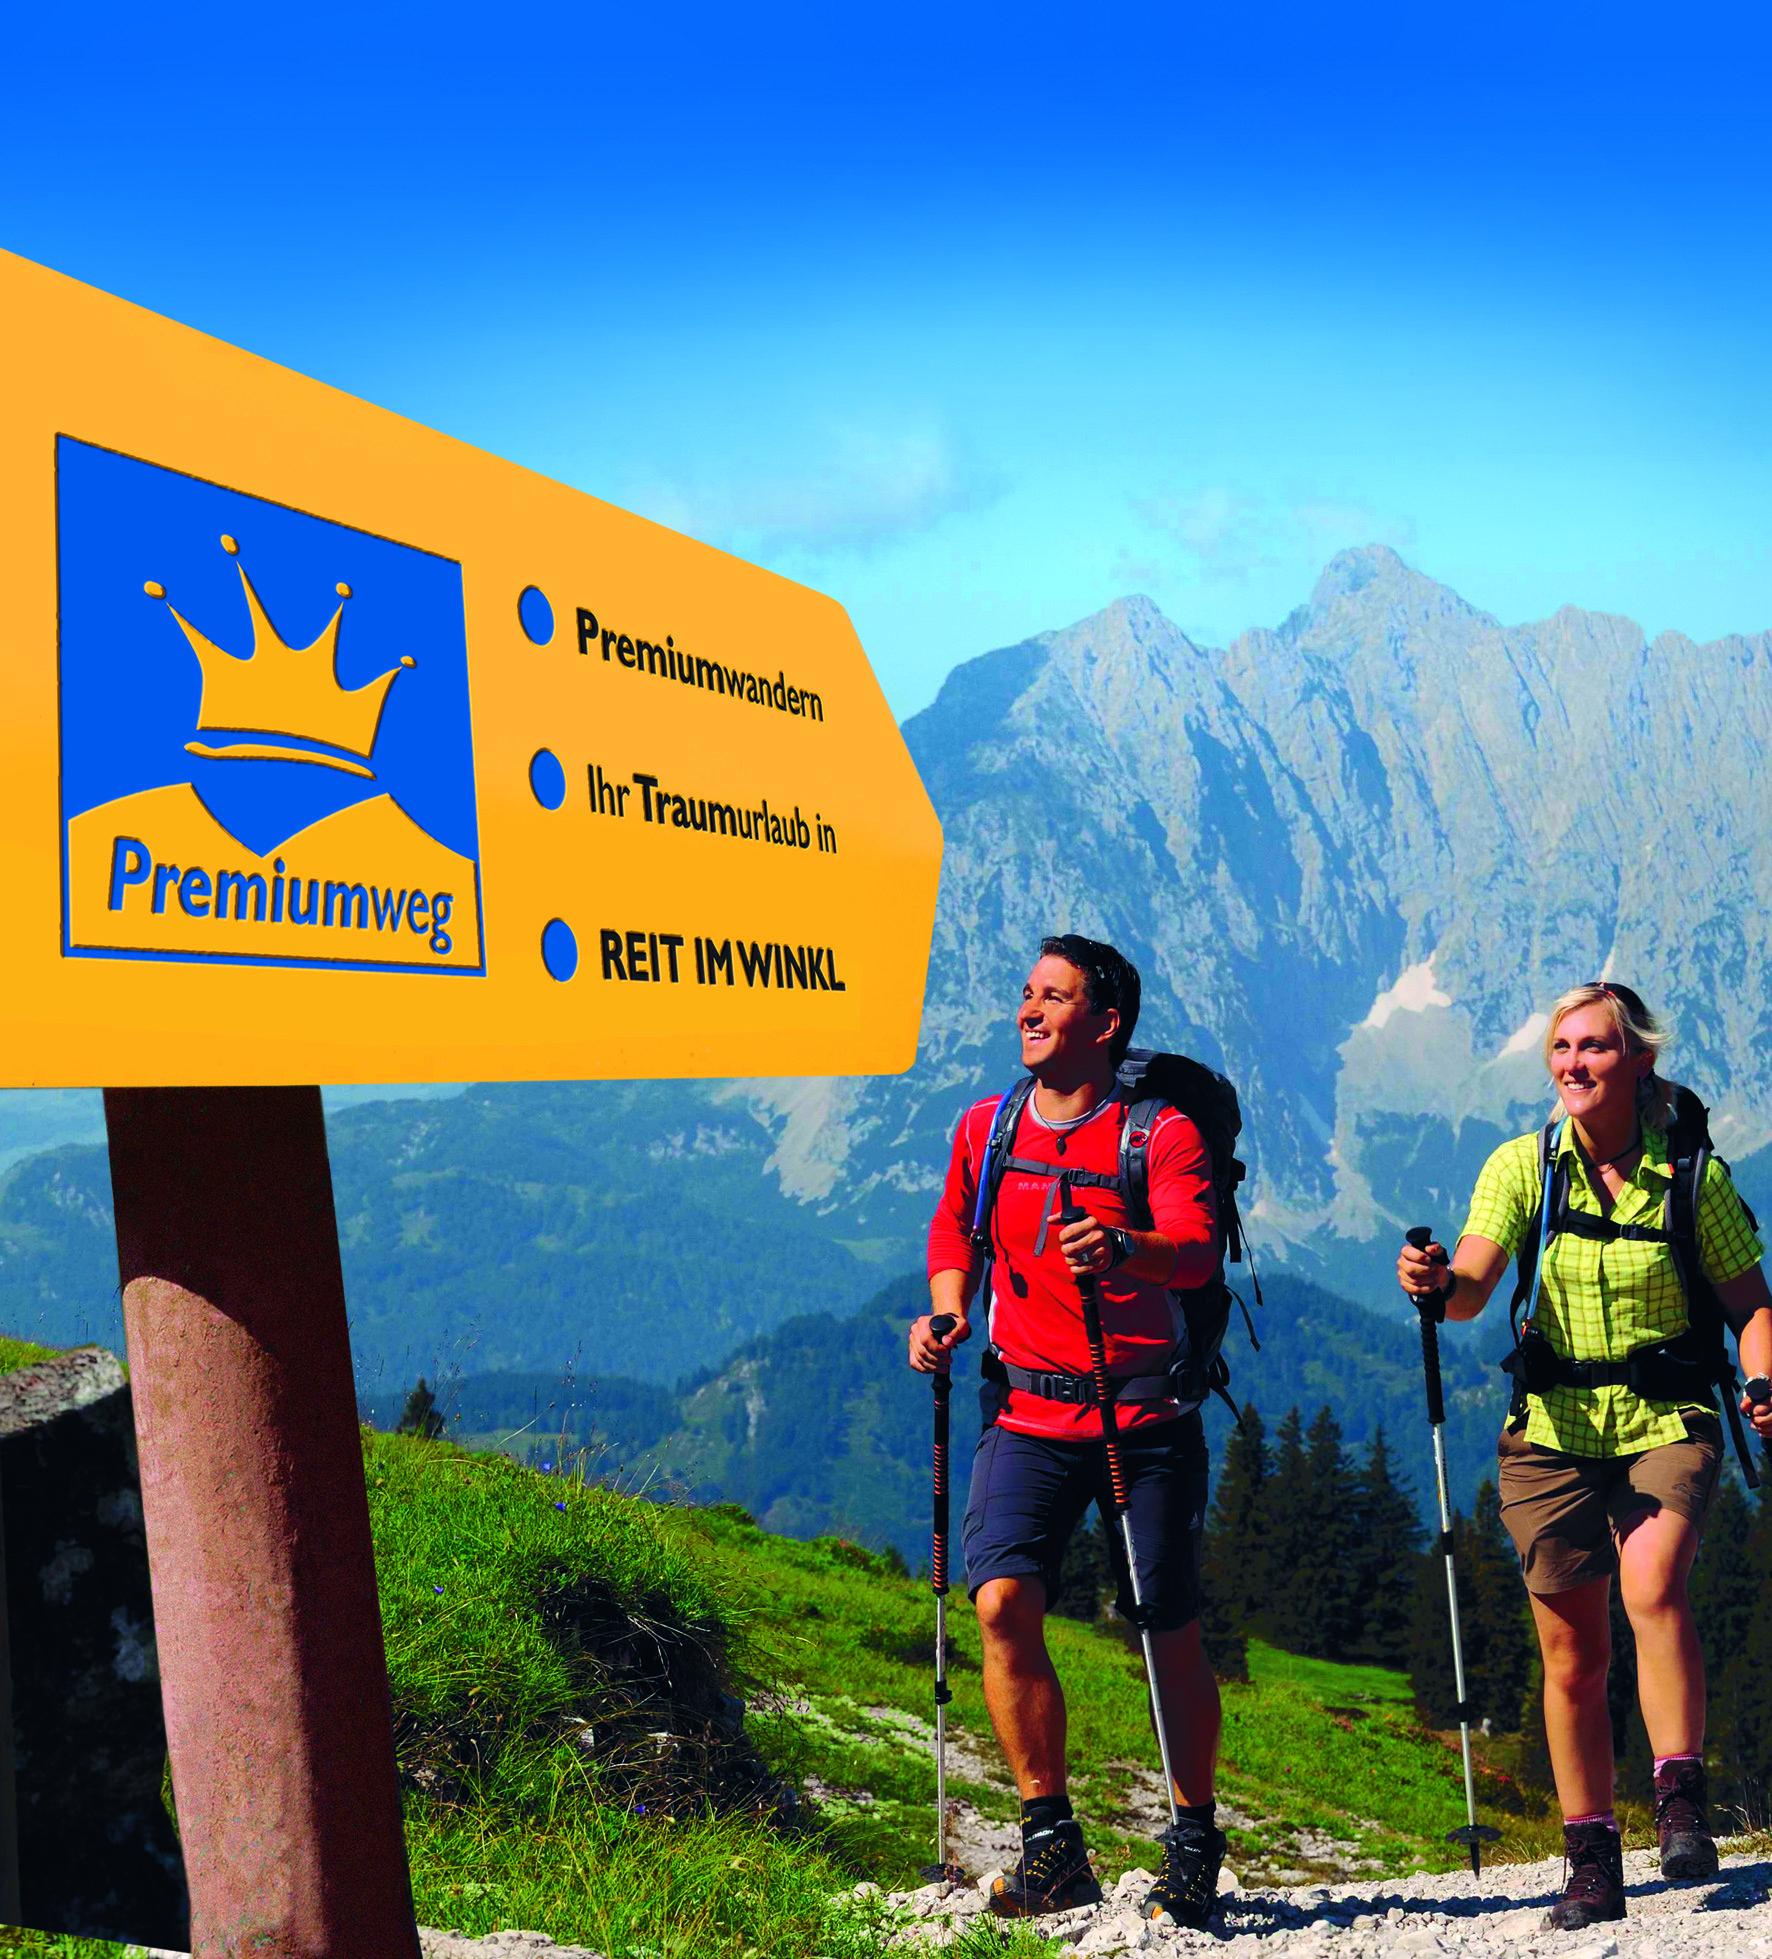 Chiemgau Tourismus e.V. – Chiemgauer Wanderherbst: Chiemgauer Wanderherbst feiert 10-jähriges Jubiläum